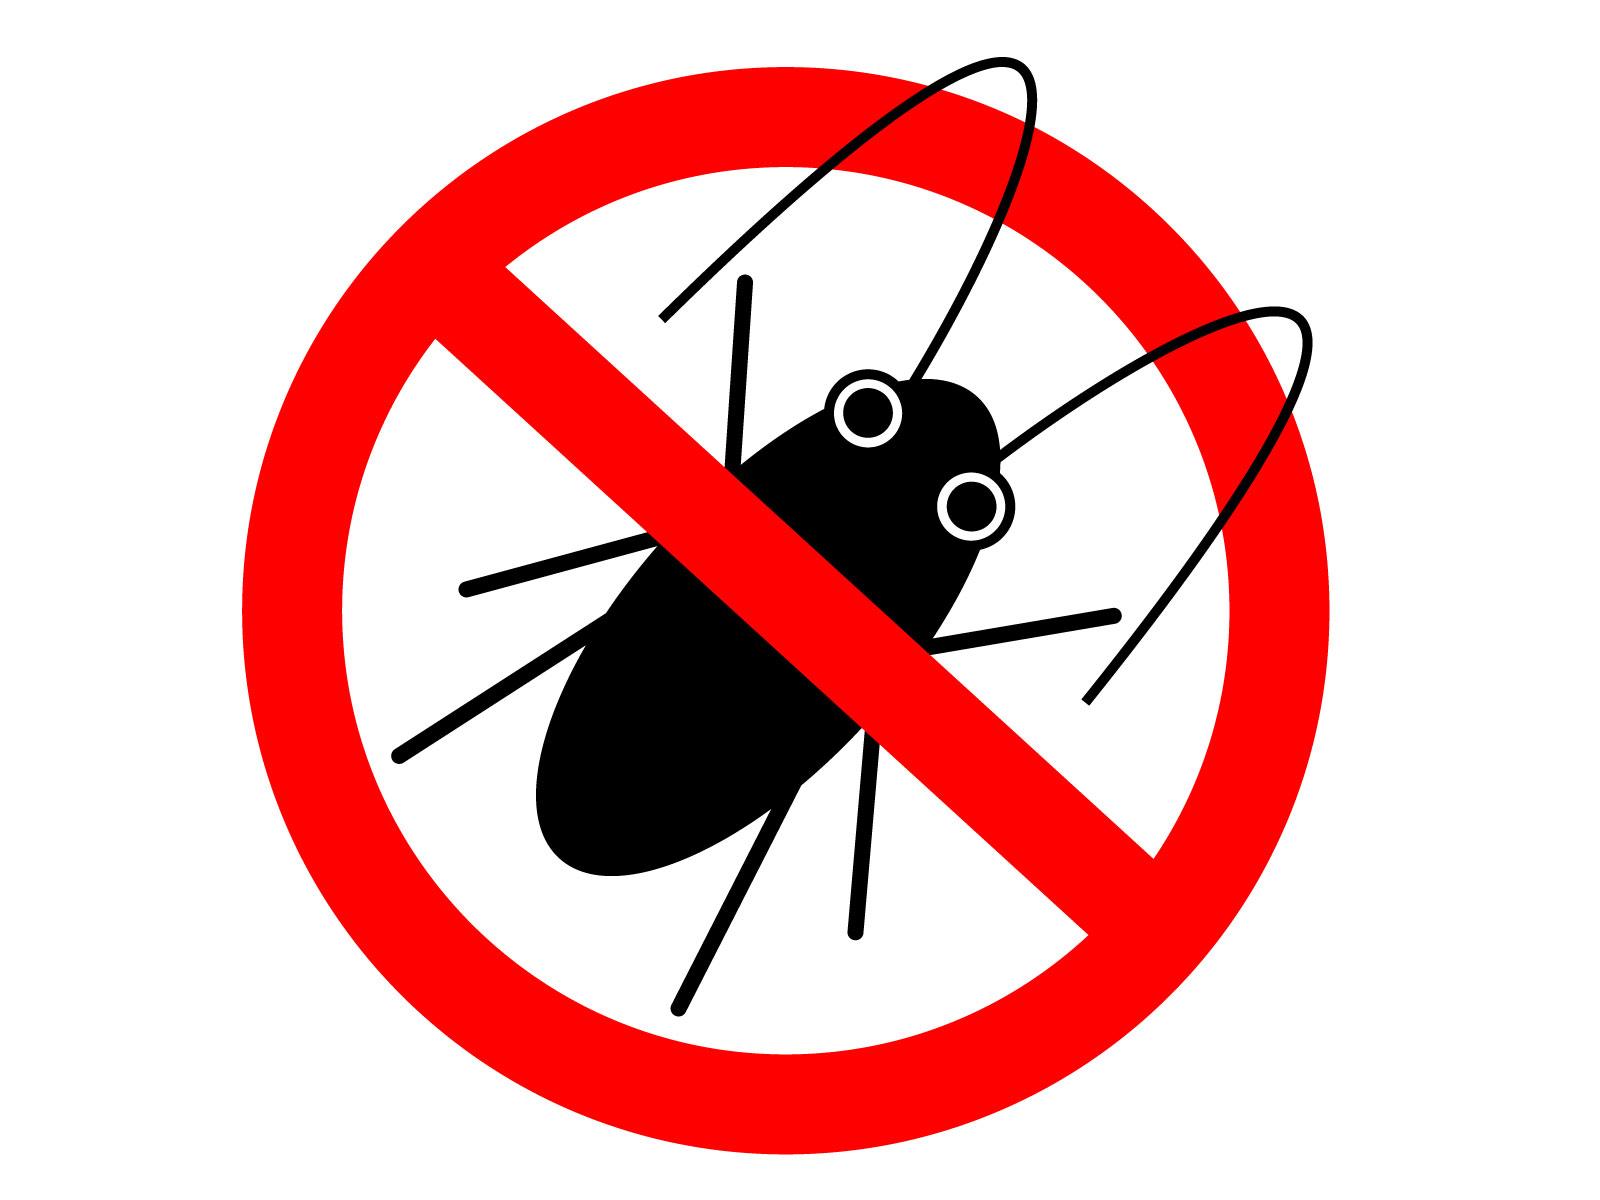 ゴキブリはフェロモンに左右される?ゴキを撤退させるフェロモン対策